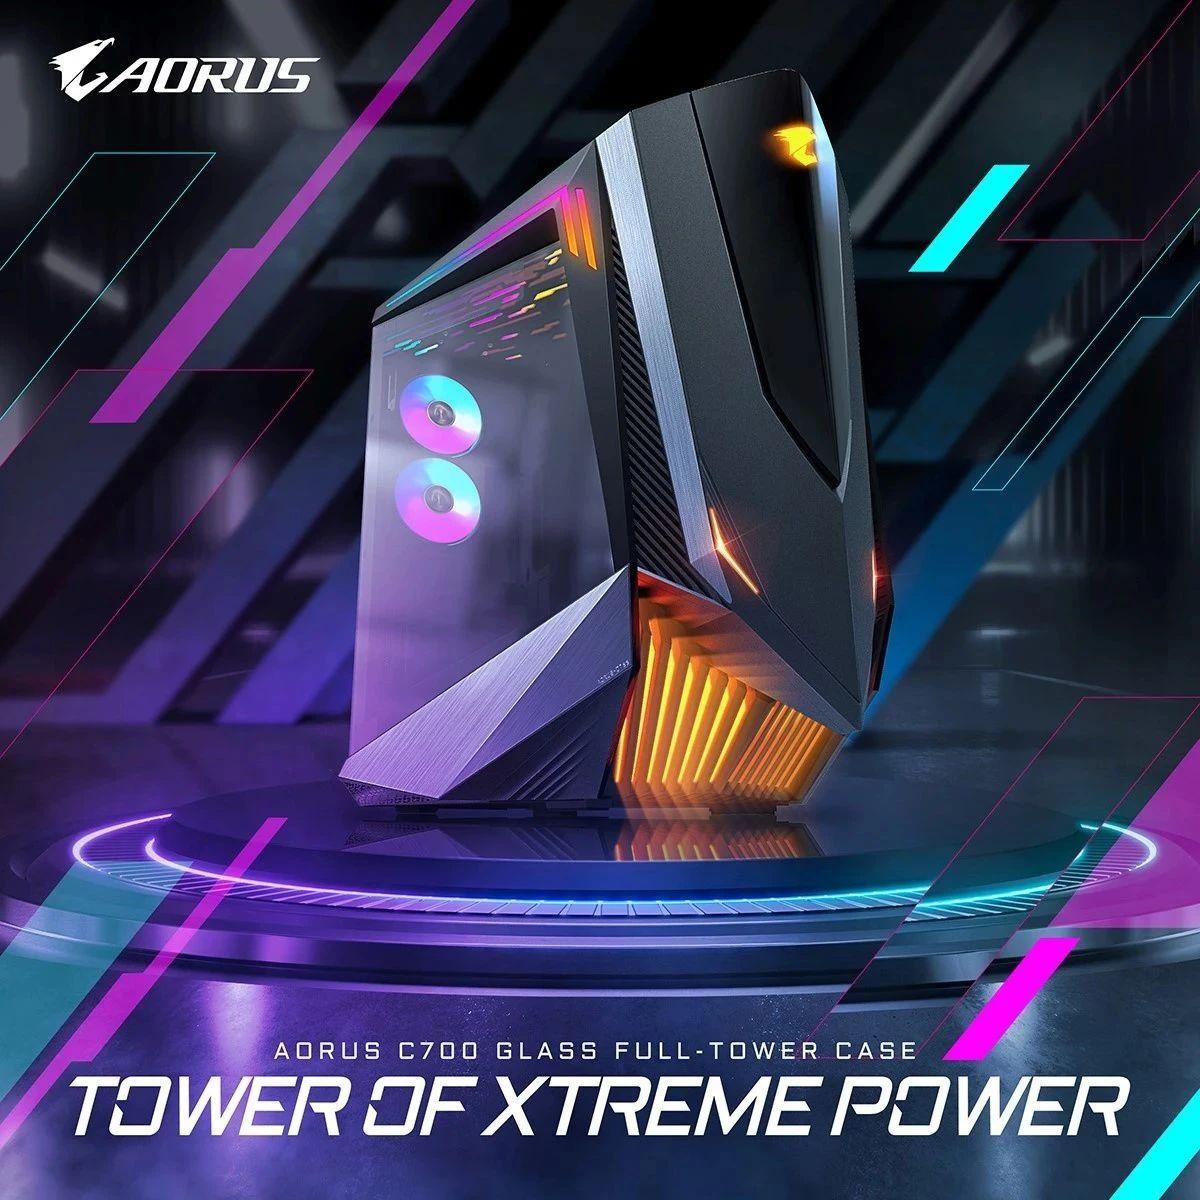 技嘉发布AORUS C700 GLASS机箱:兼容顶级电竞硬件的雕牌旗舰